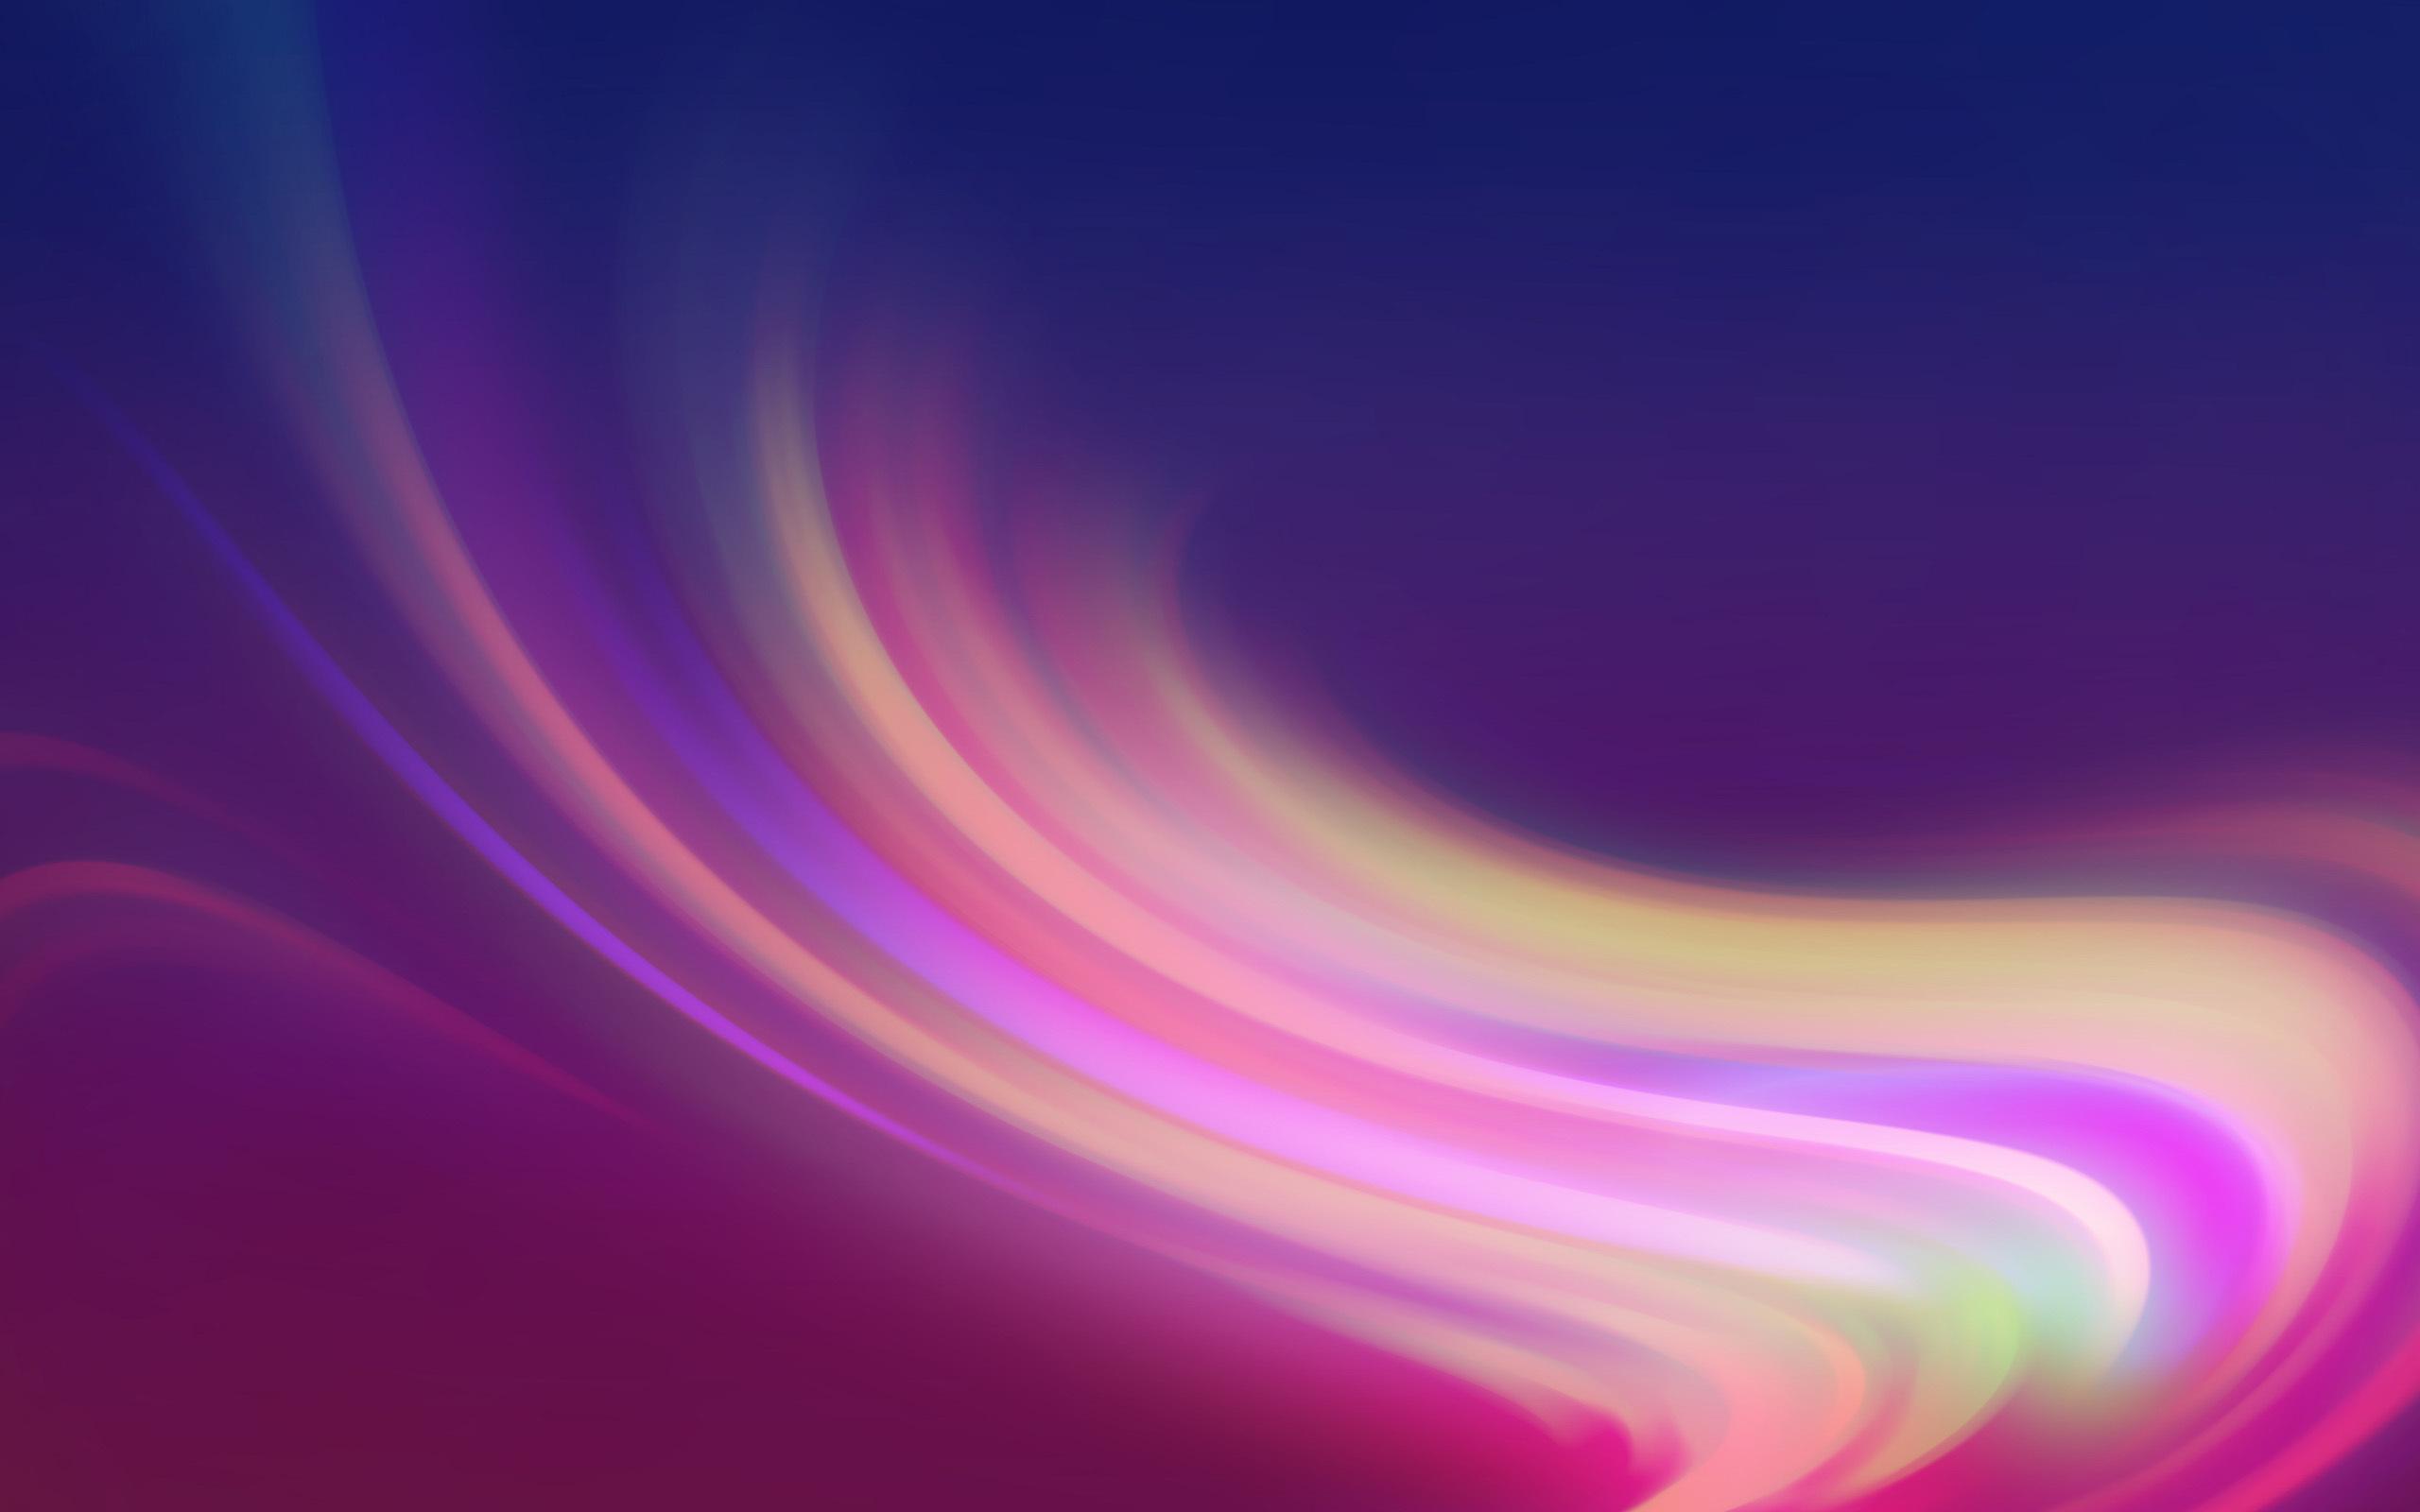 desktop wallpapers backgrounds 2560x1600